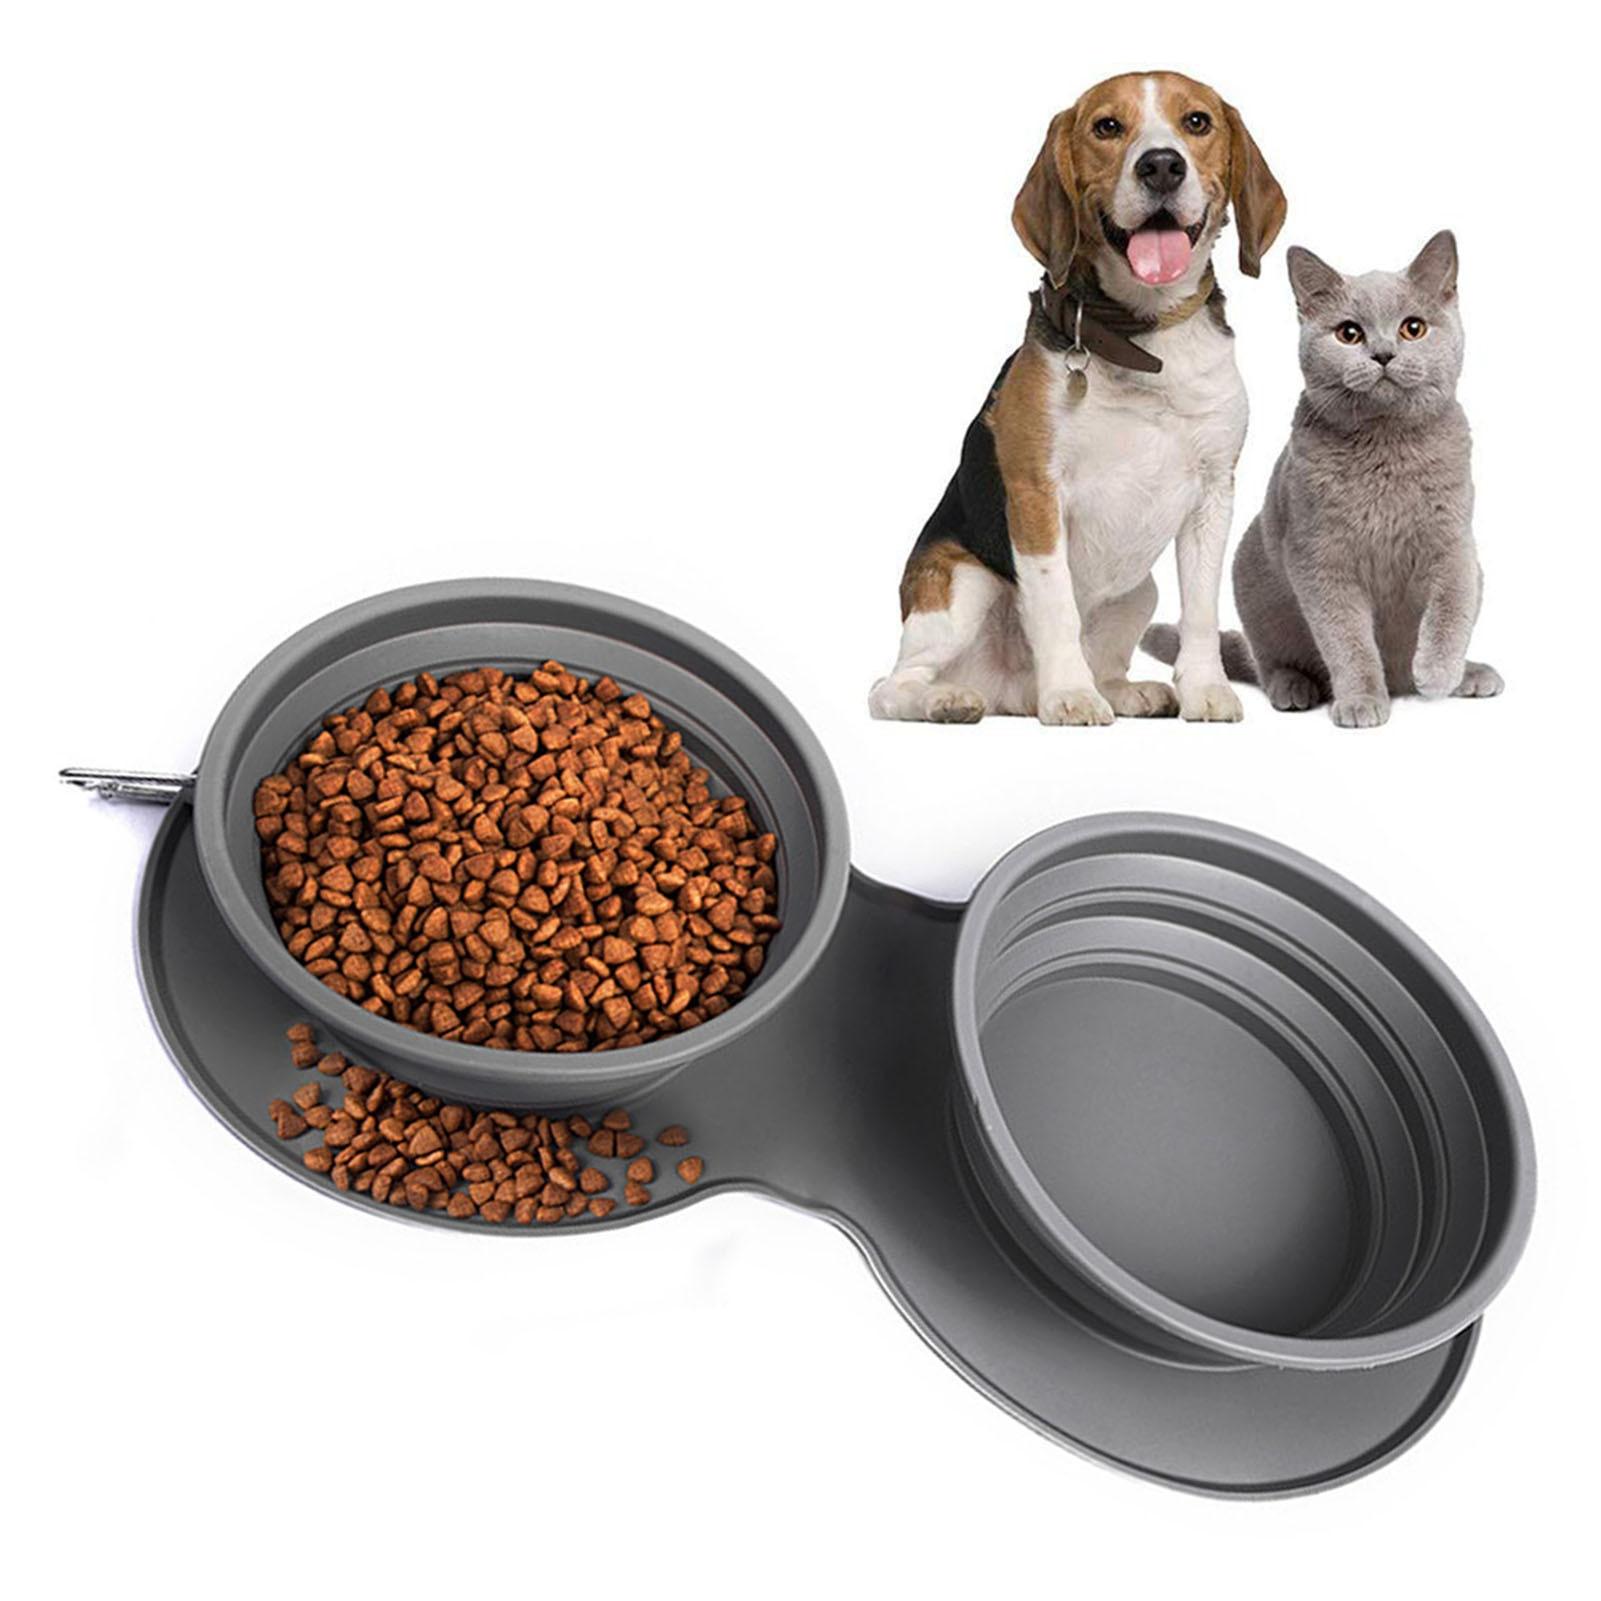 Силиконовая складная миска для питомца анти с защитой от застревания еды медленной еды миска для собаки, домашних животных Кормление кота П...